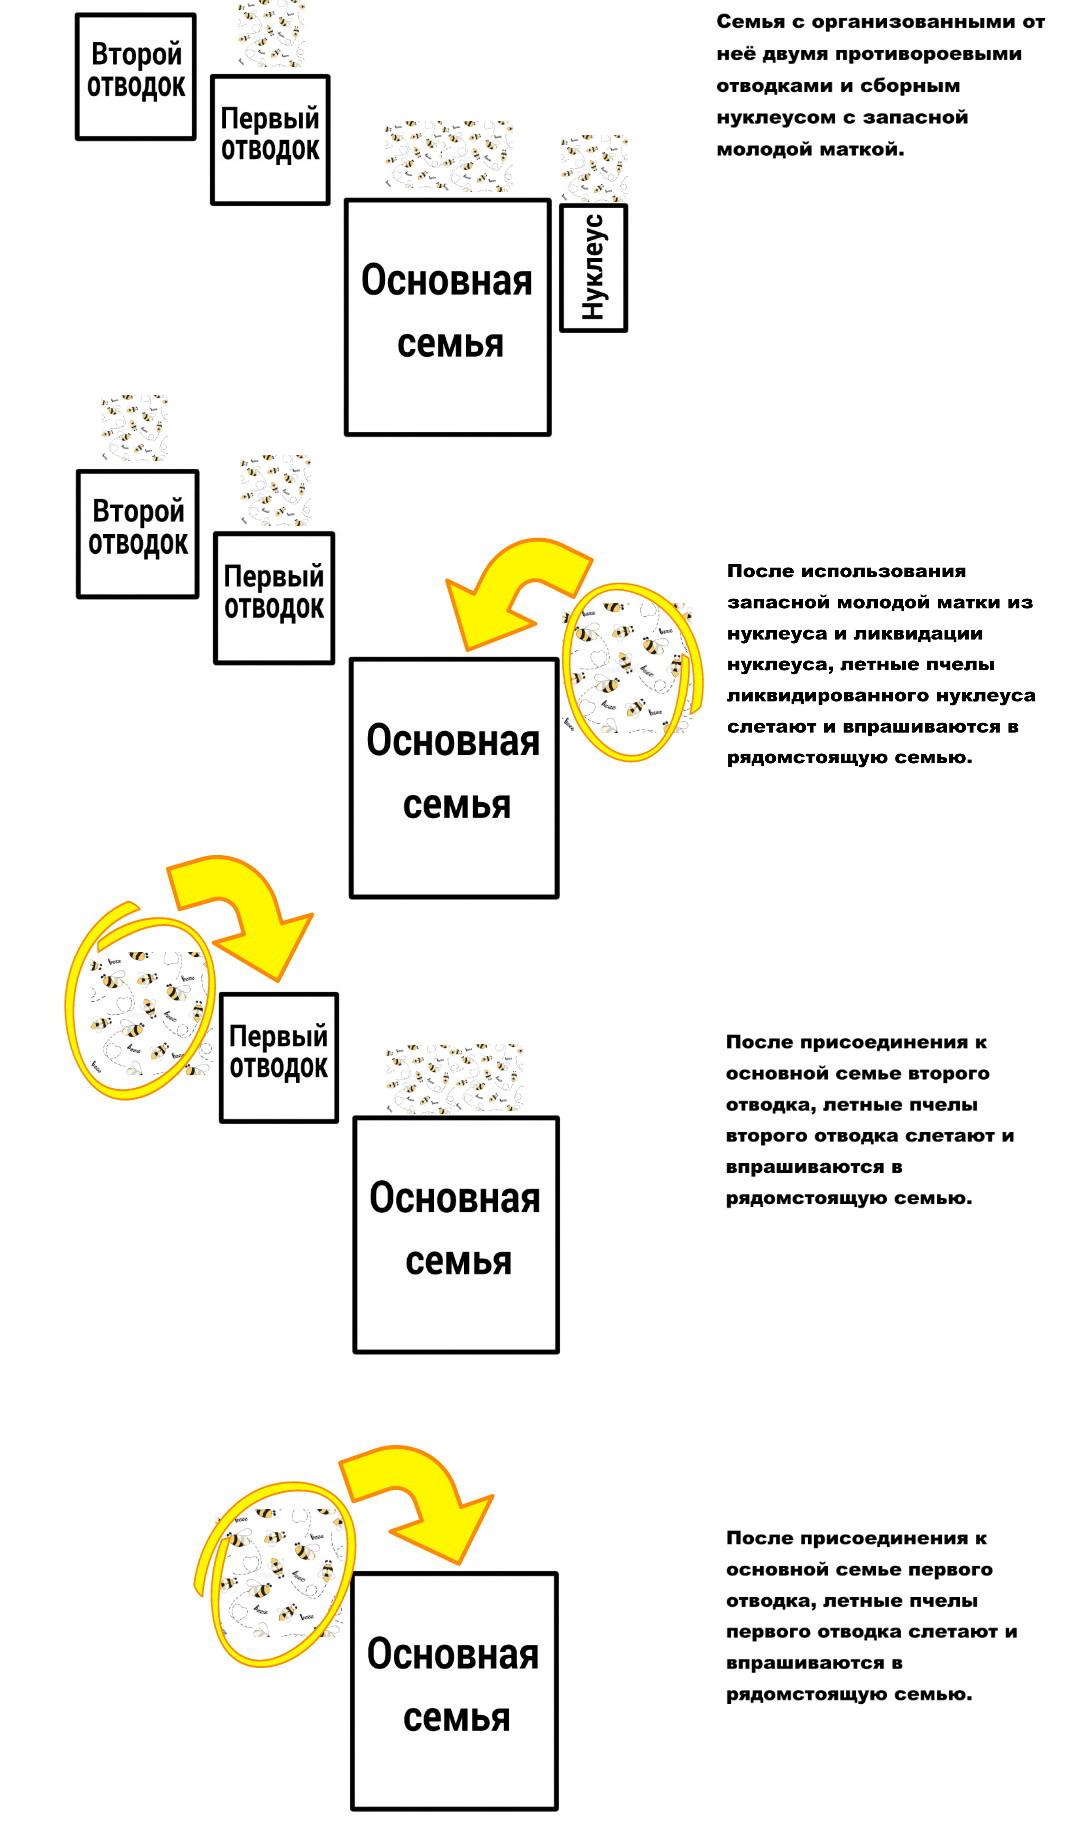 http://s3.uploads.ru/gvXoK.jpg